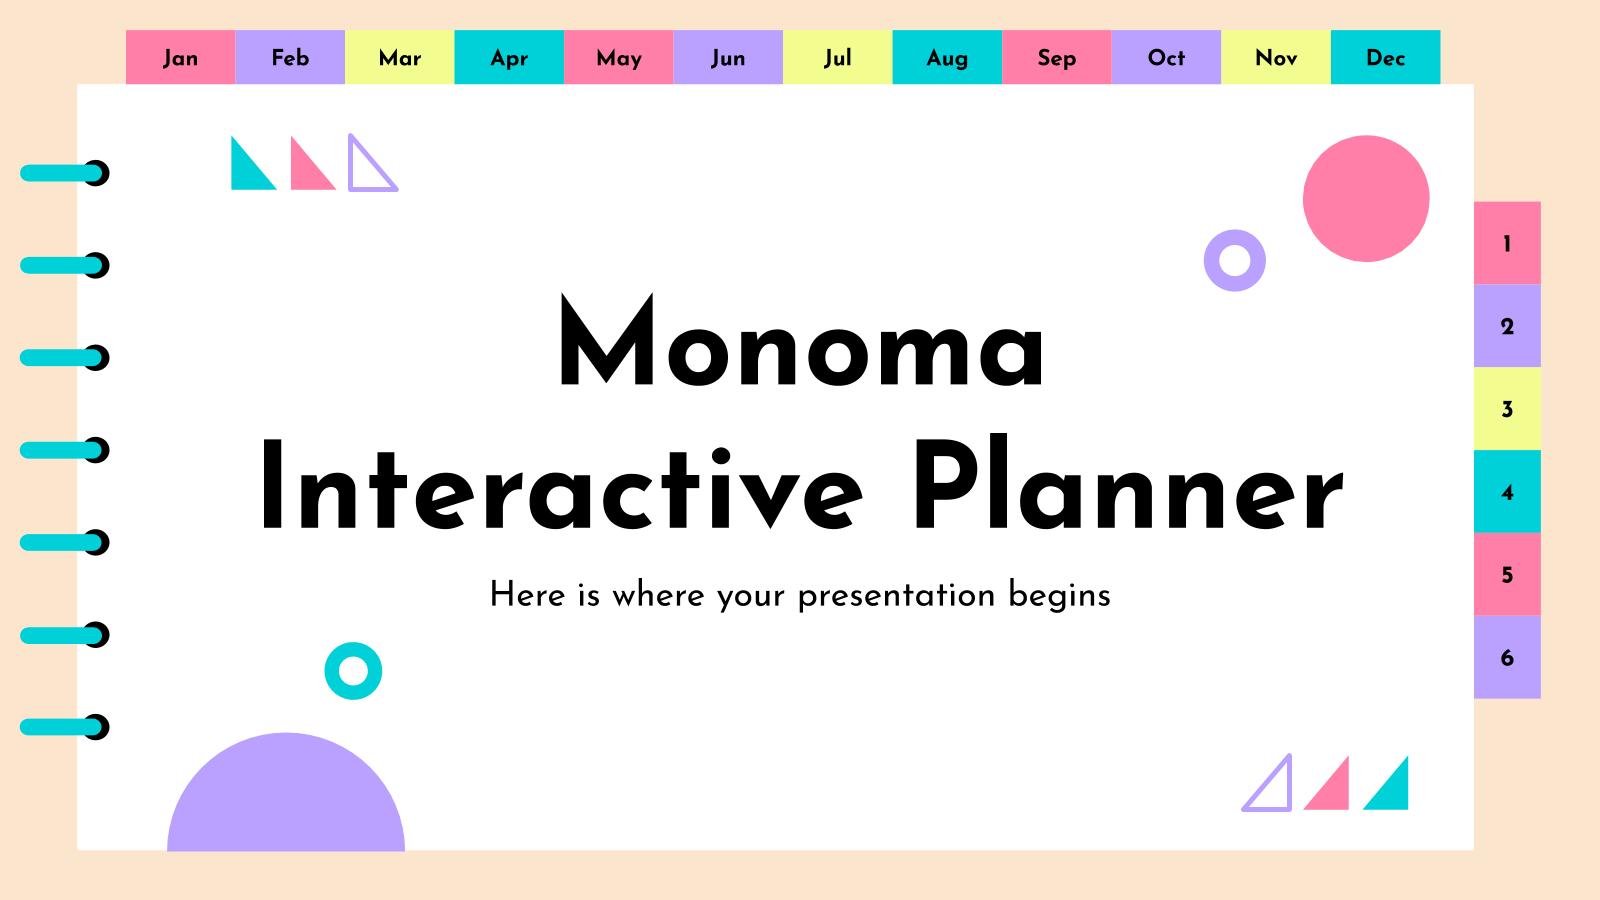 Planificateur interactif Monoma : Modèles de présentation